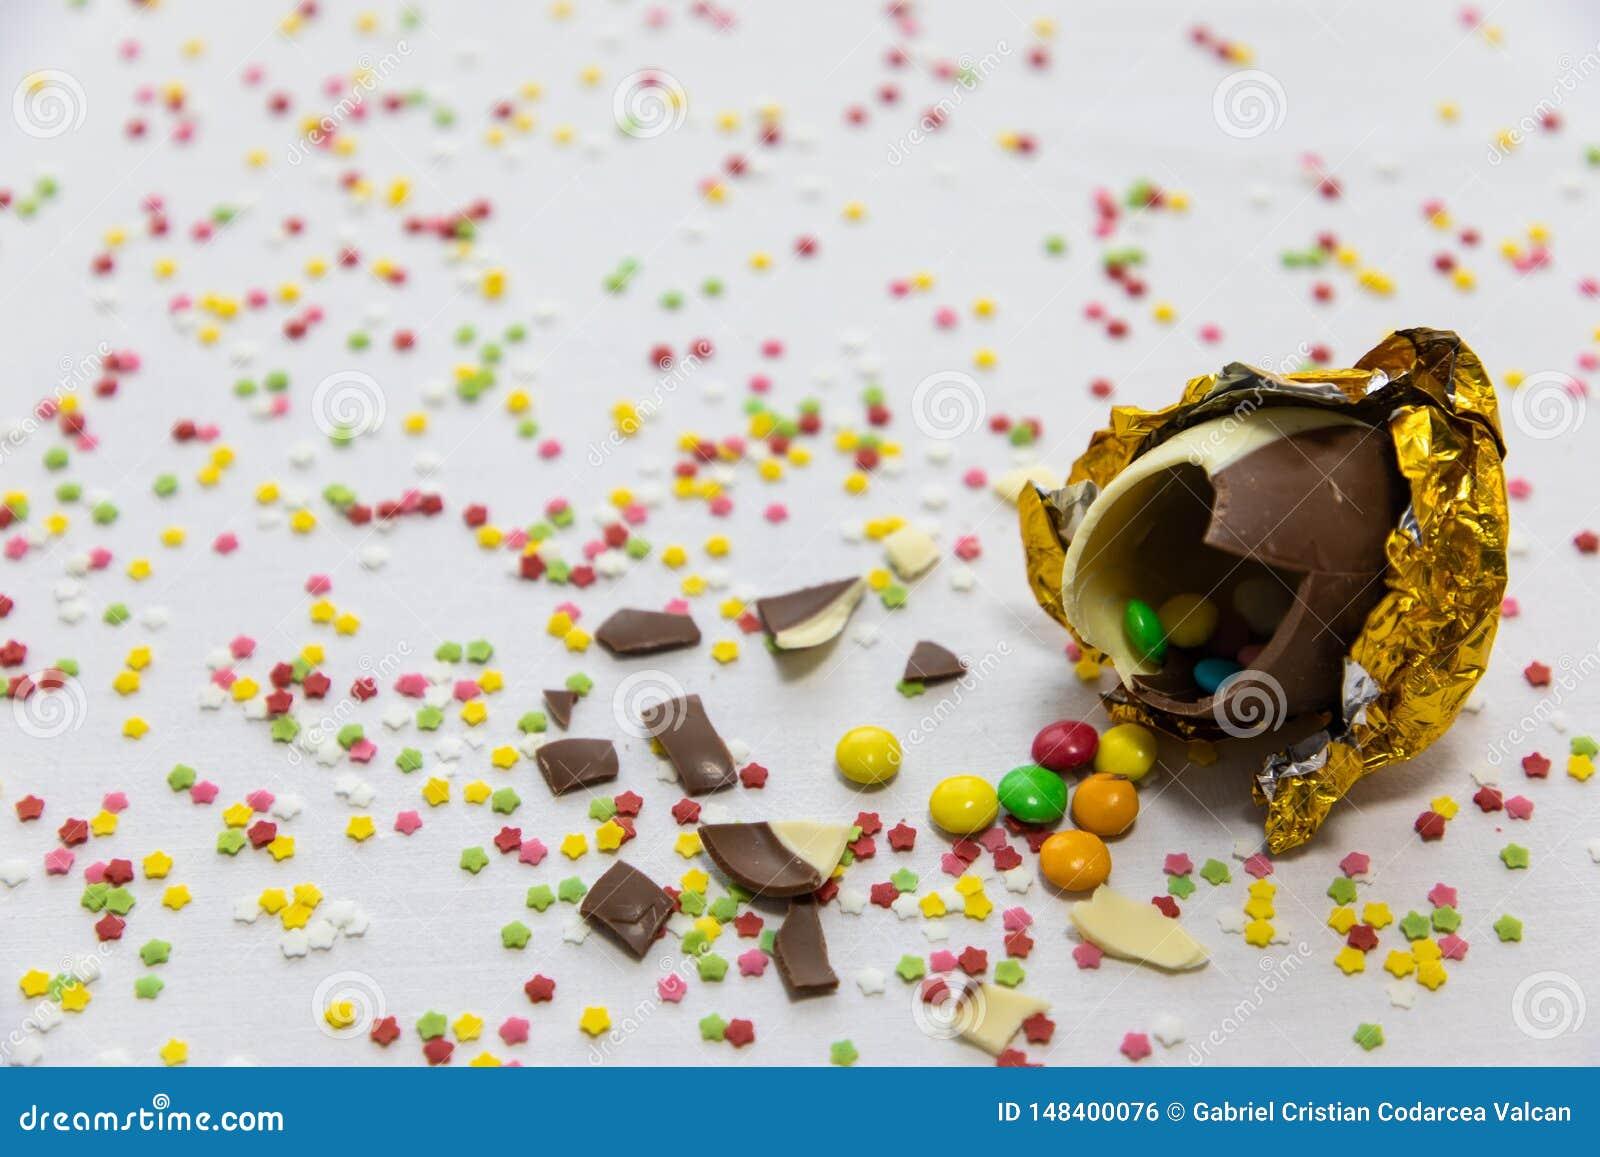 Ovos da p?scoa dourados quebrados do chocolate com chocolates coloridos para dentro no fundo branco com confetes borrados colorid